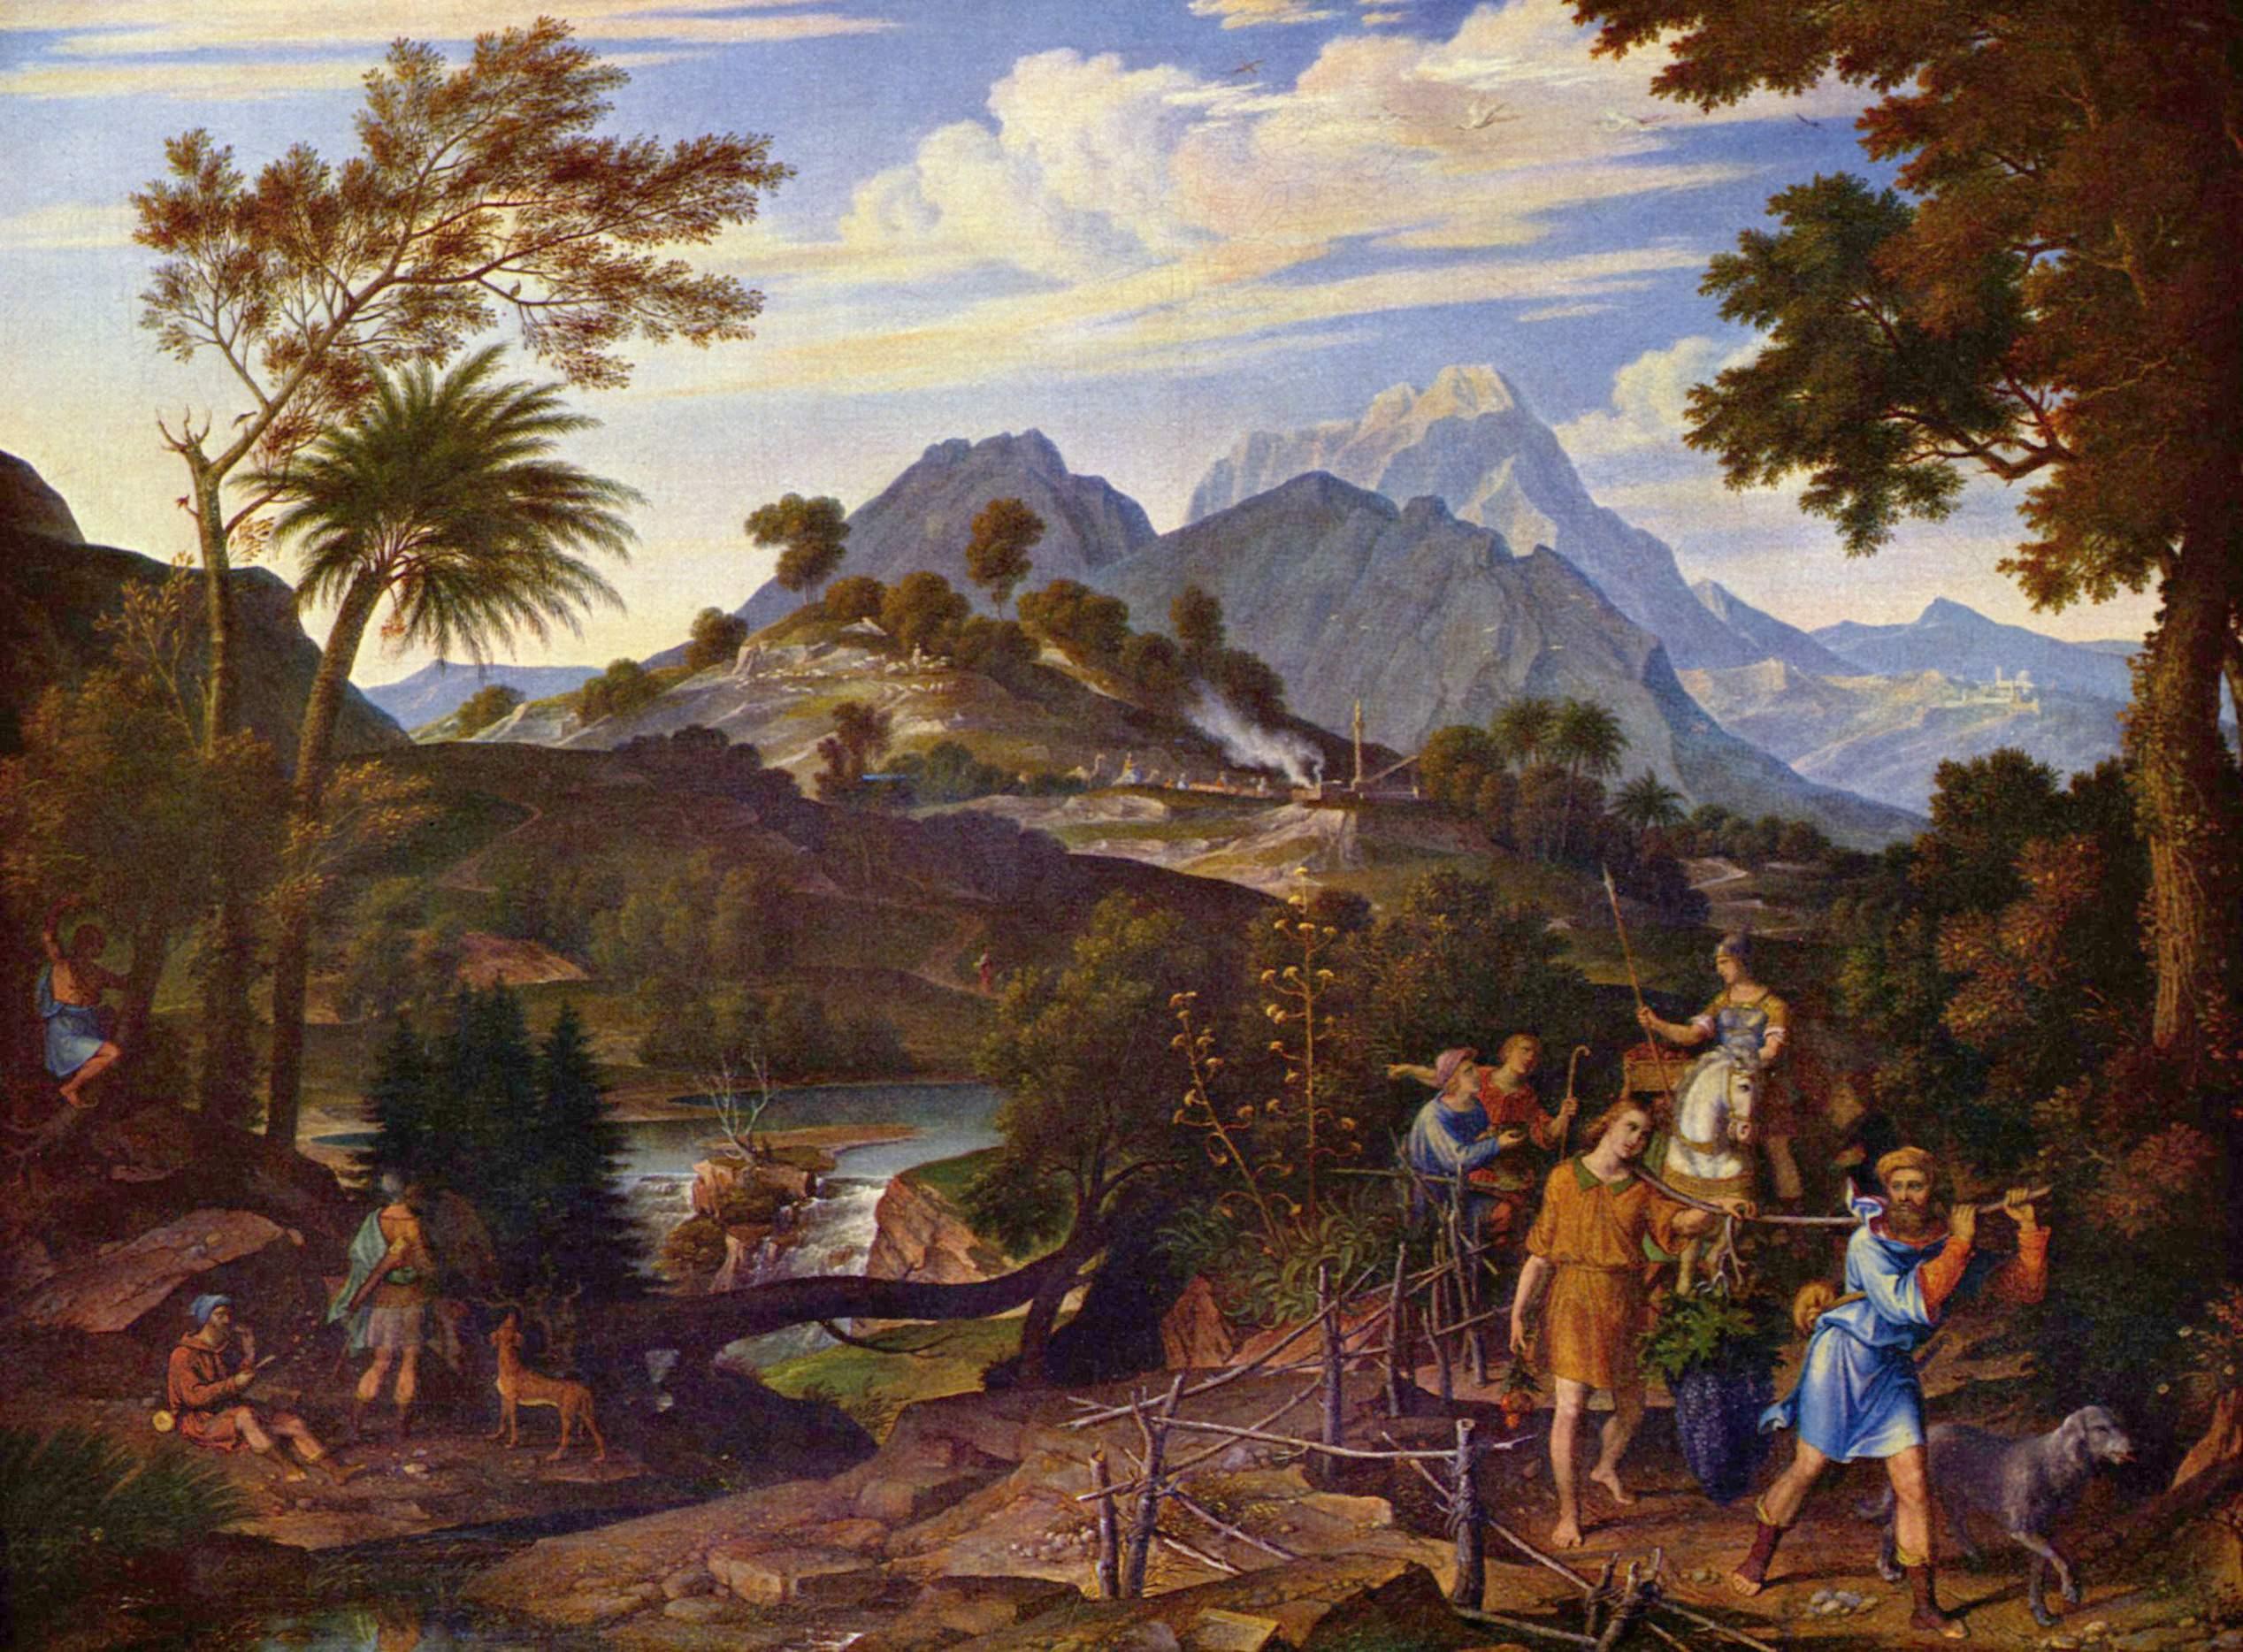 Кох Йозеф Антон «Пейзаж с лазутчиками, возвращающимися из земли обетованной».